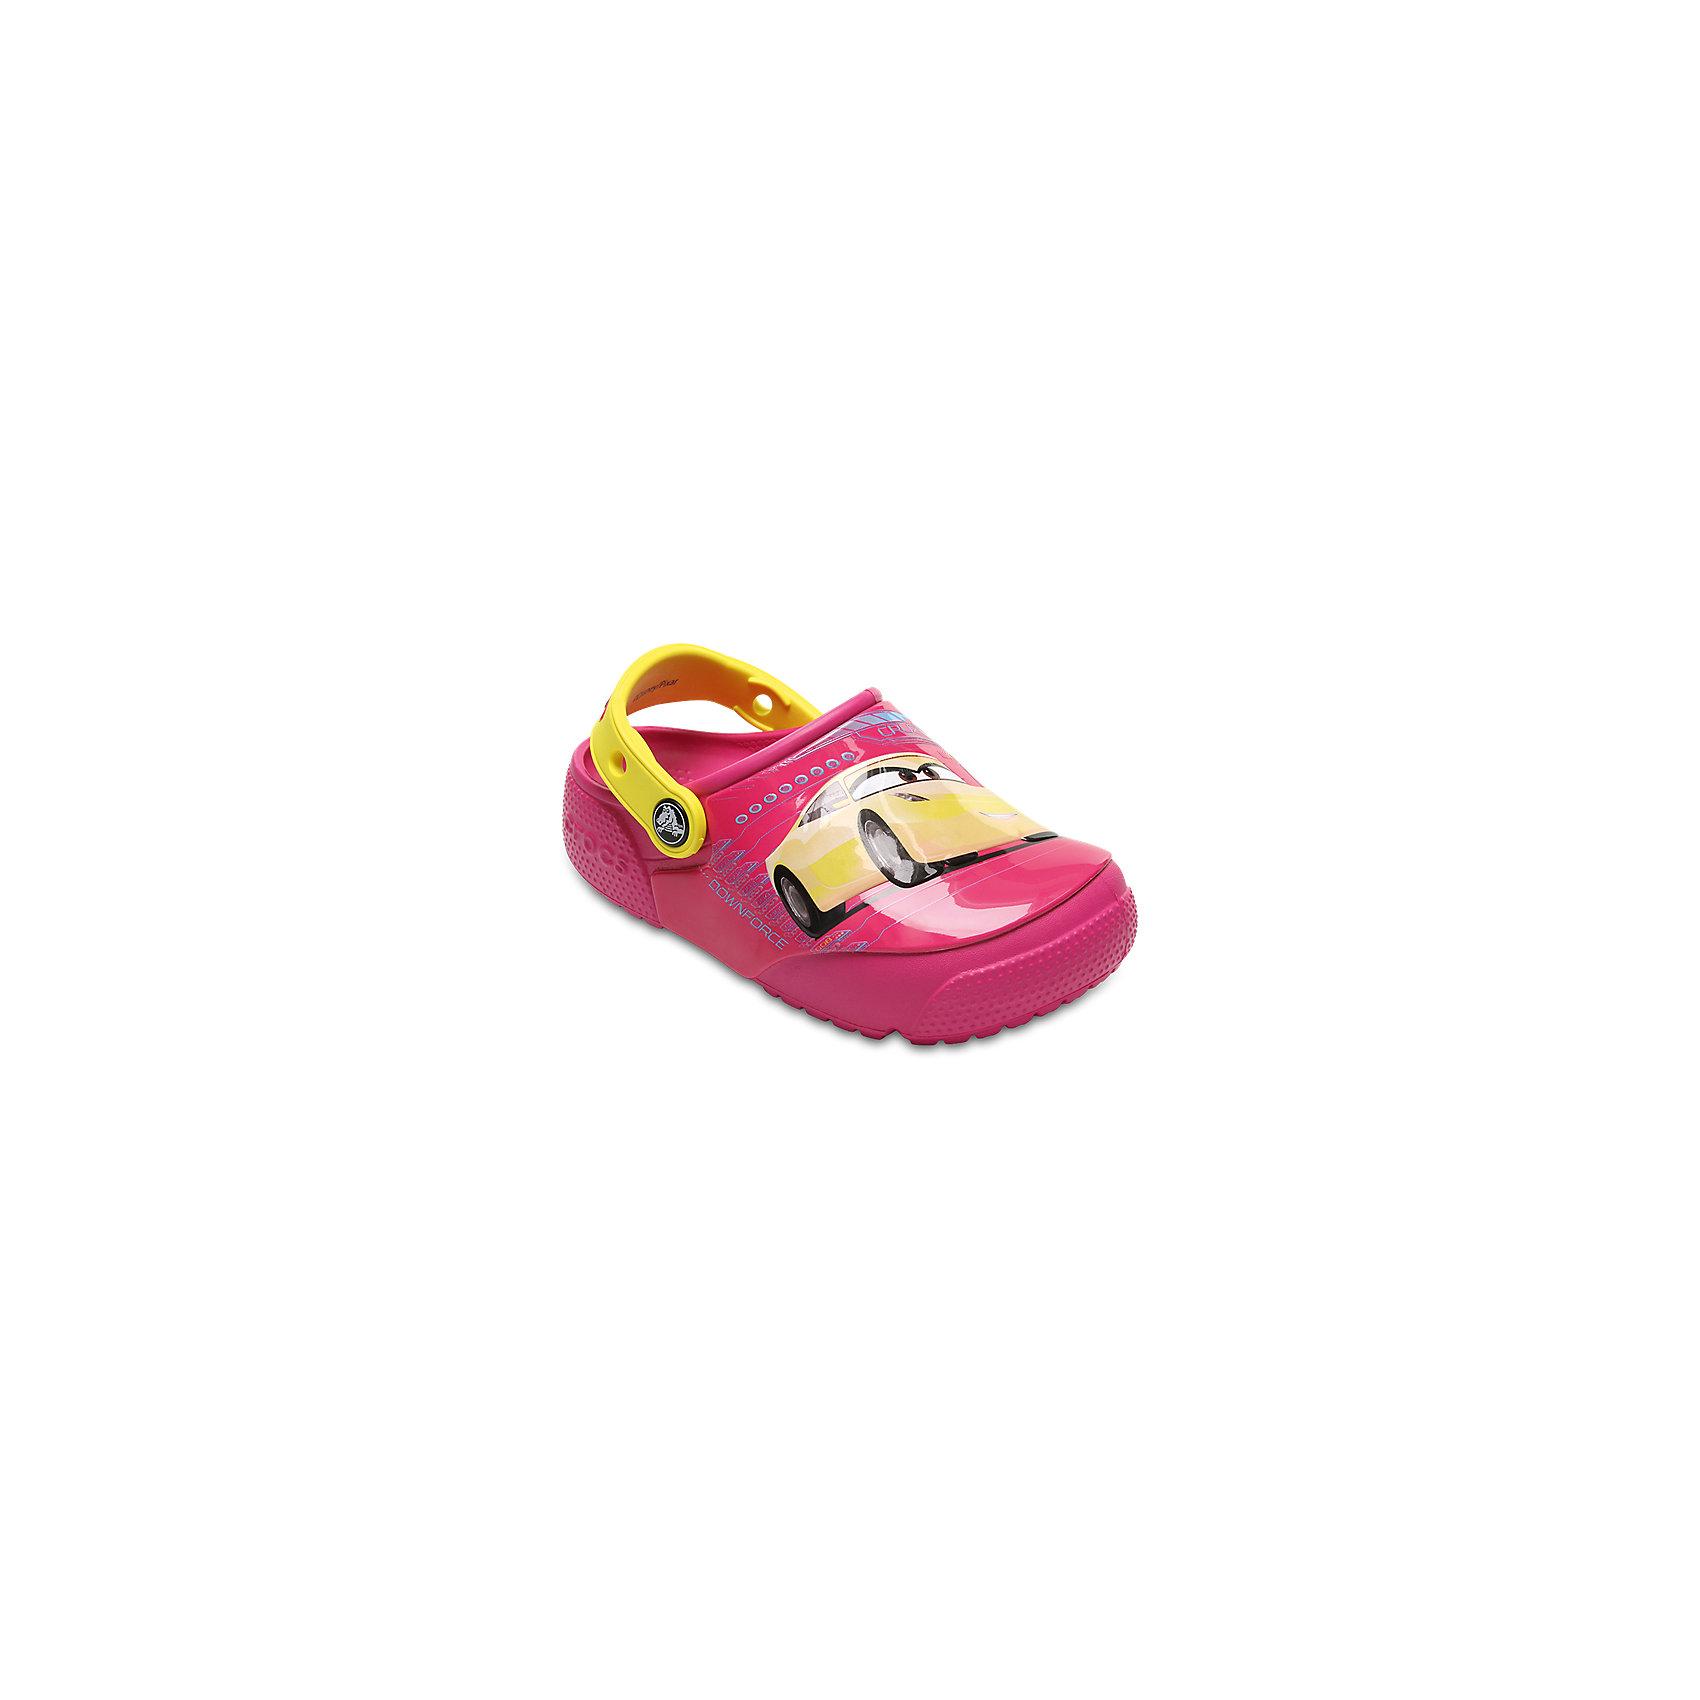 Сабо Kids Classic, CROCSПляжная обувь<br>Характеристики товара:<br><br>• цвет: розовый<br>• принт: Тачки<br>• сезон: лето<br>• тип: пляжная обувь<br>• материал: 100% полимер Croslite™<br>• под воздействием температуры тела принимают форму стопы<br>• полностью литая модель<br>• вентиляционные отверстия<br>• бактериостатичный материал<br>• пяточный ремешок фиксирует стопу<br>• отверстия для использования украшений<br>• анатомическая стелька с массажными точками<br>• страна бренда: США<br>• страна изготовитель: Китай<br><br>Для правильного развития ребенка крайне важно, чтобы обувь была удобной.<br><br>Такие сабо обеспечивают детям необходимый комфорт, а анатомическая стелька с массажными линиями для стимуляции кровообращения позволяет ножкам дольше не уставать. <br><br>Материал, из которого они сделаны, не дает размножаться бактериям, поэтому такая обувь препятствует образованию неприятного запаха и появлению болезней стоп.<br><br>Обувь от американского бренда Crocs в данный момент завоевала широкую популярность во всем мире, и это не удивительно - ведь она невероятно удобна. <br><br>Её носят врачи, спортсмены, звёзды шоу-бизнеса, люди, которым много времени приходится бывать на ногах - они понимают, как важна комфортная обувь. <br><br>Продукция Crocs - это качественные товары, созданные с применением новейших технологий. <br><br>Обувь отличается стильным дизайном и продуманной конструкцией. Изделие производится из качественных и проверенных материалов, которые безопасны для детей.<br><br>Сабо Kids Classic от торговой марки Crocs можно купить в нашем интернет-магазине.<br><br>Ширина мм: 225<br>Глубина мм: 139<br>Высота мм: 112<br>Вес г: 290<br>Цвет: розовый<br>Возраст от месяцев: 132<br>Возраст до месяцев: 144<br>Пол: Унисекс<br>Возраст: Детский<br>Размер: 34/35,27,28,29,30,21,22,23,24,25,26,31/32,33/34<br>SKU: 5416962